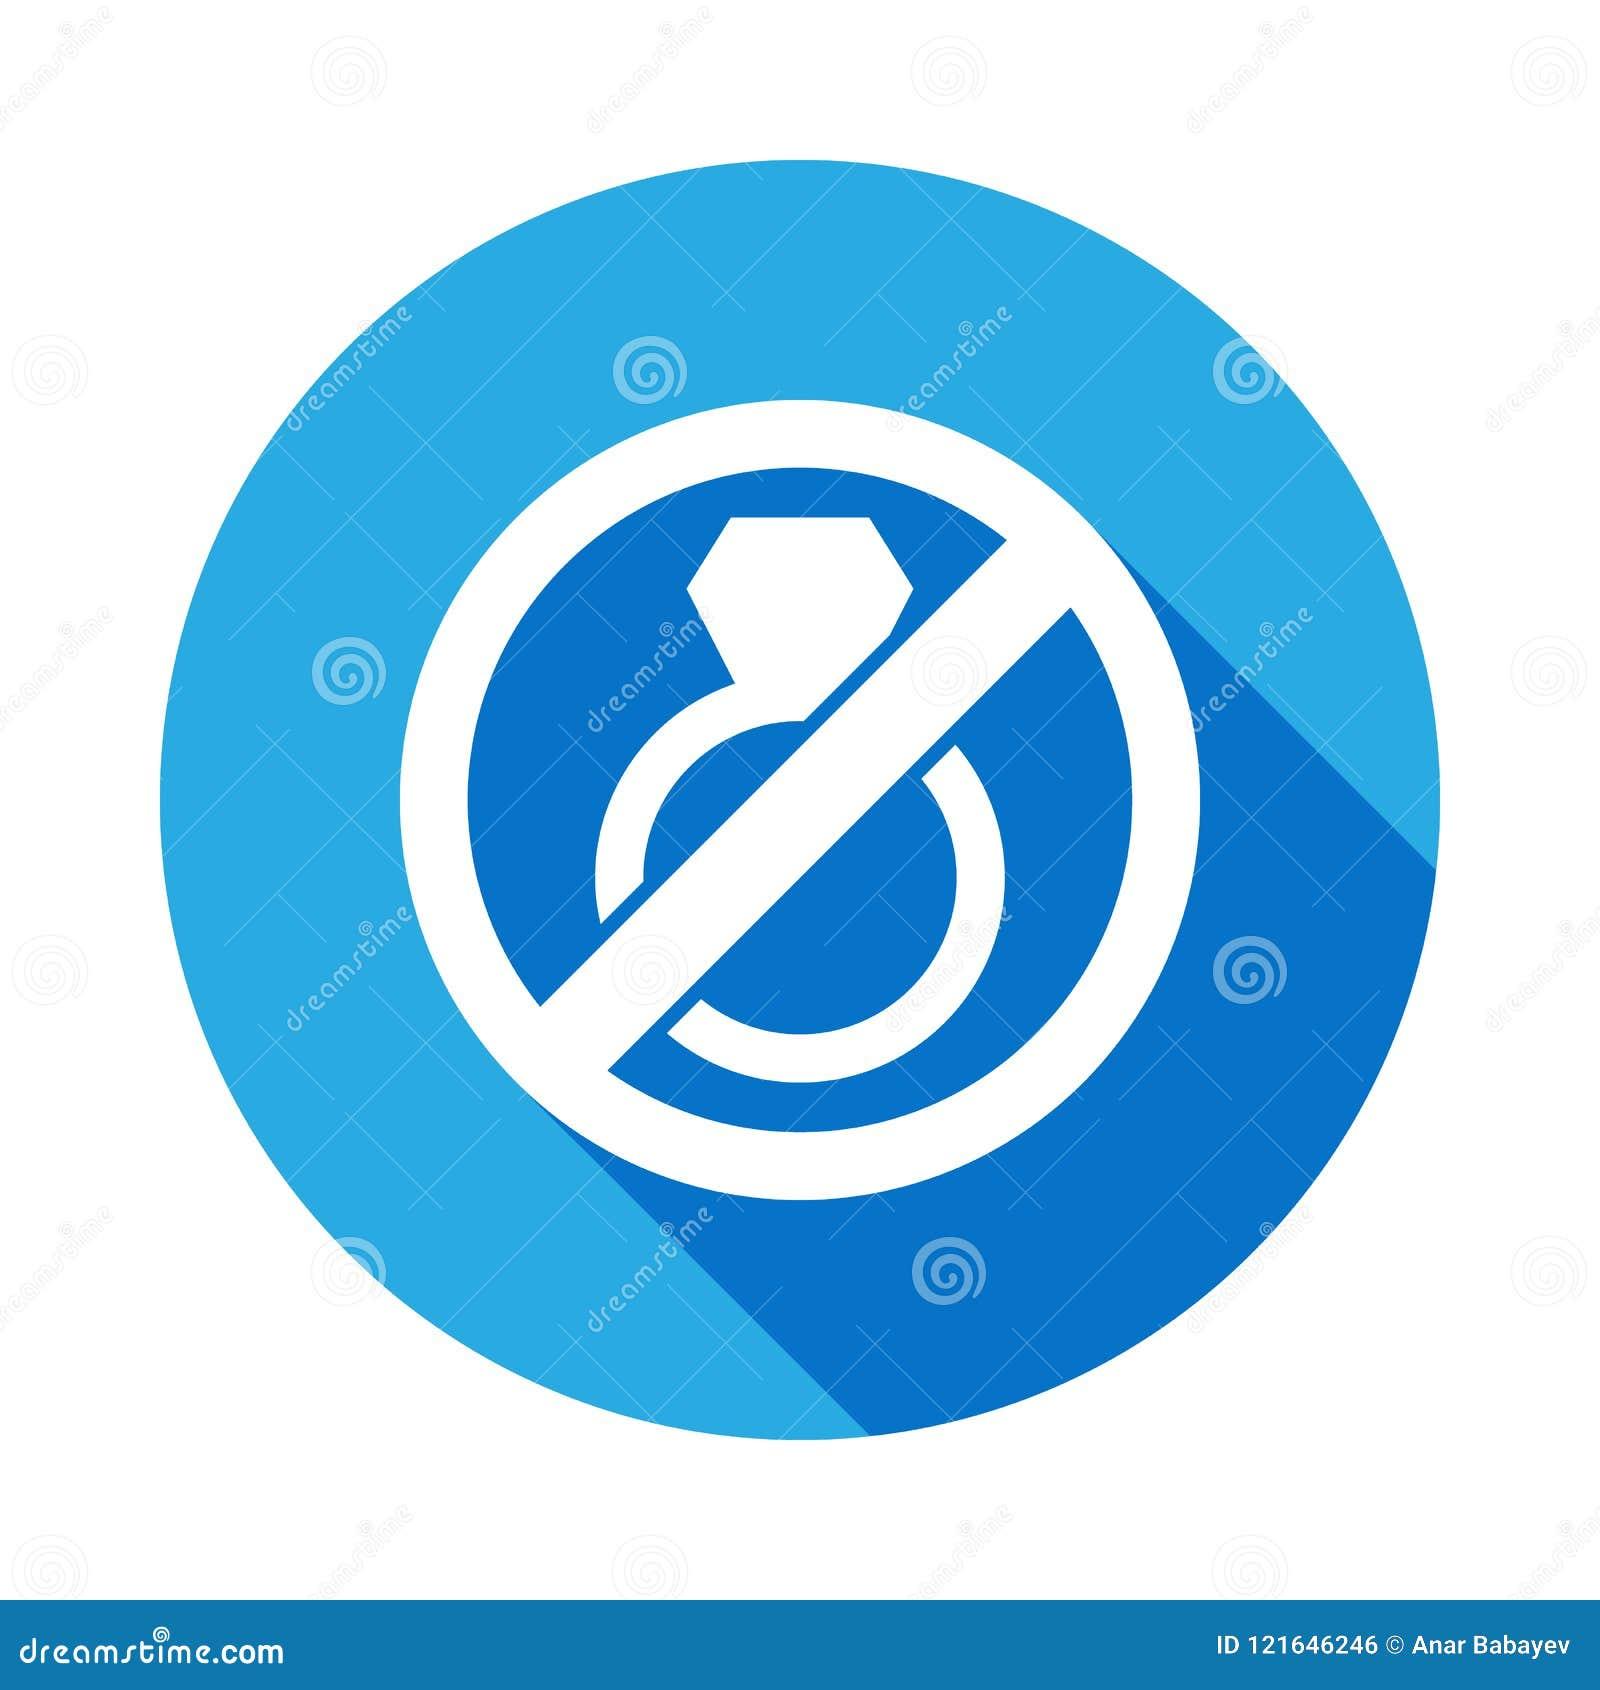 停止或取缔婚姻,与长的阴影的被禁止的标志平的象